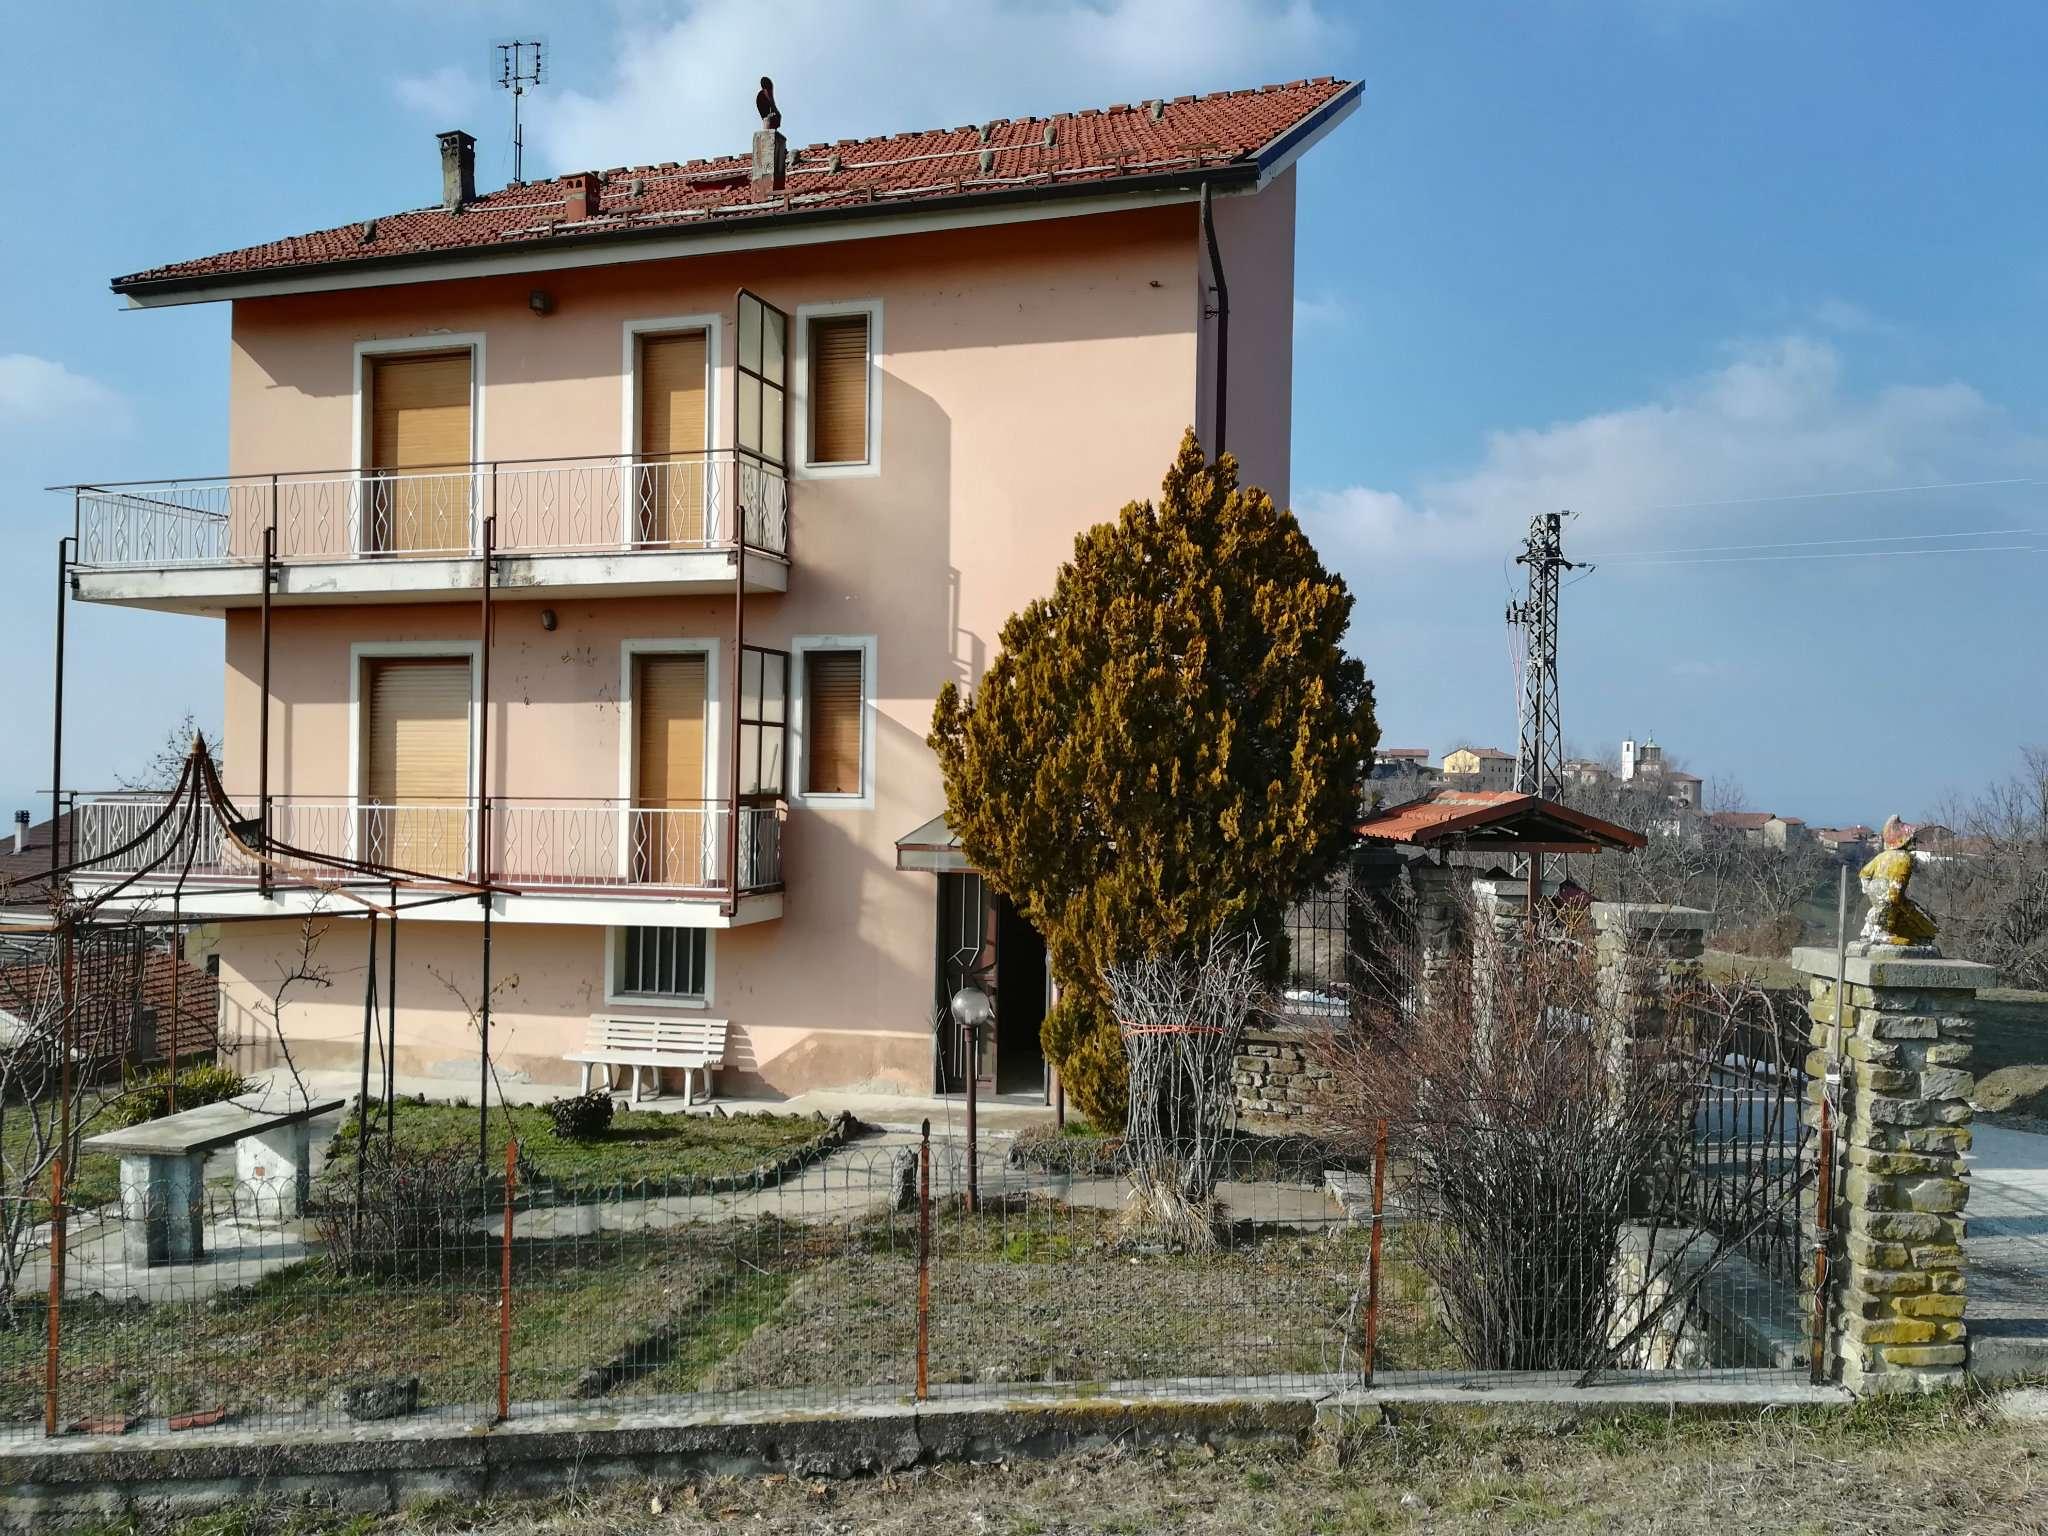 Soluzione Indipendente in vendita a Belvedere Langhe, 16 locali, prezzo € 158.000 | CambioCasa.it